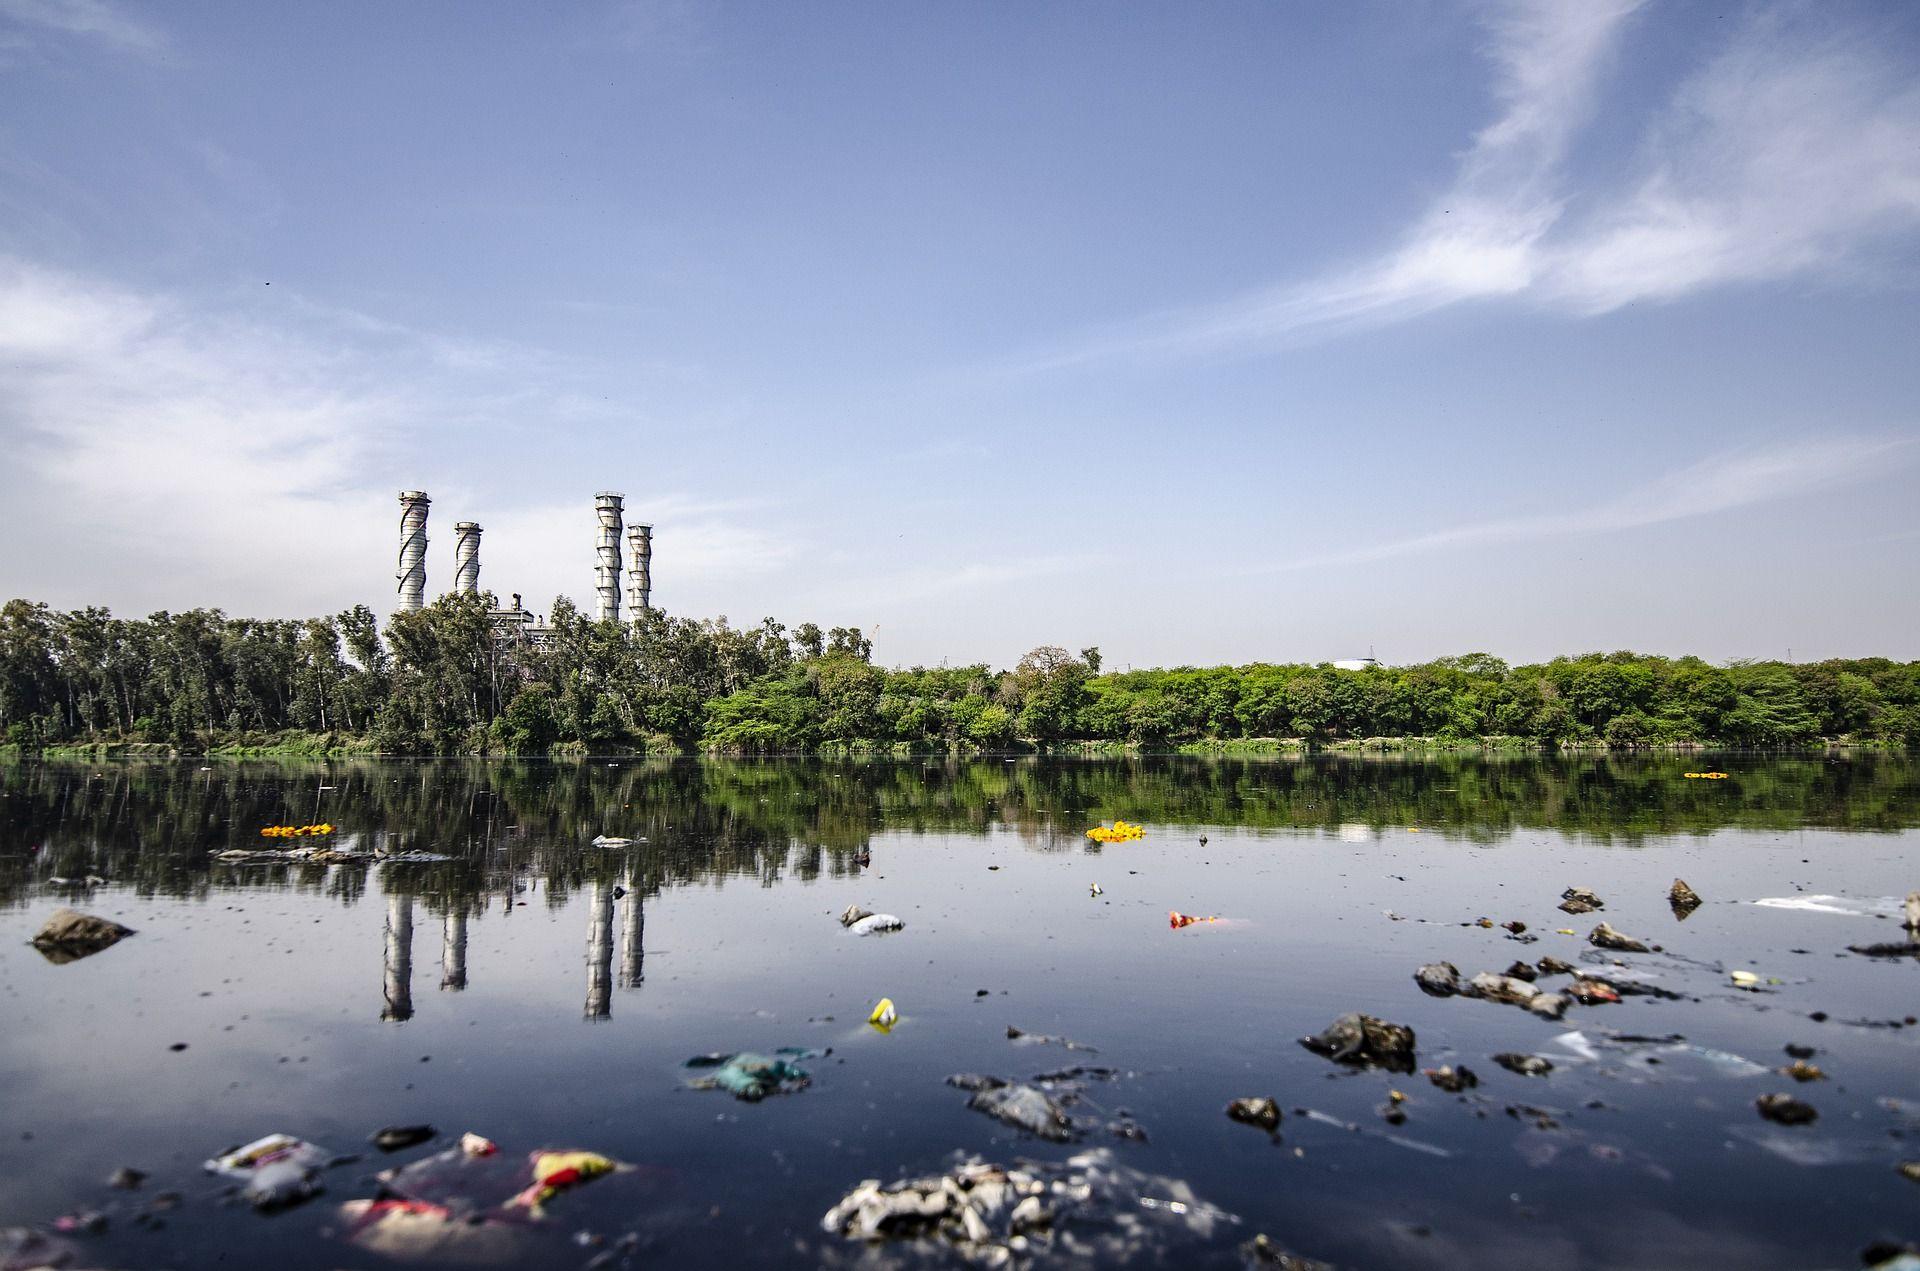 Охрана окружающей среды, экологическая безопасность и рациональное природопользование